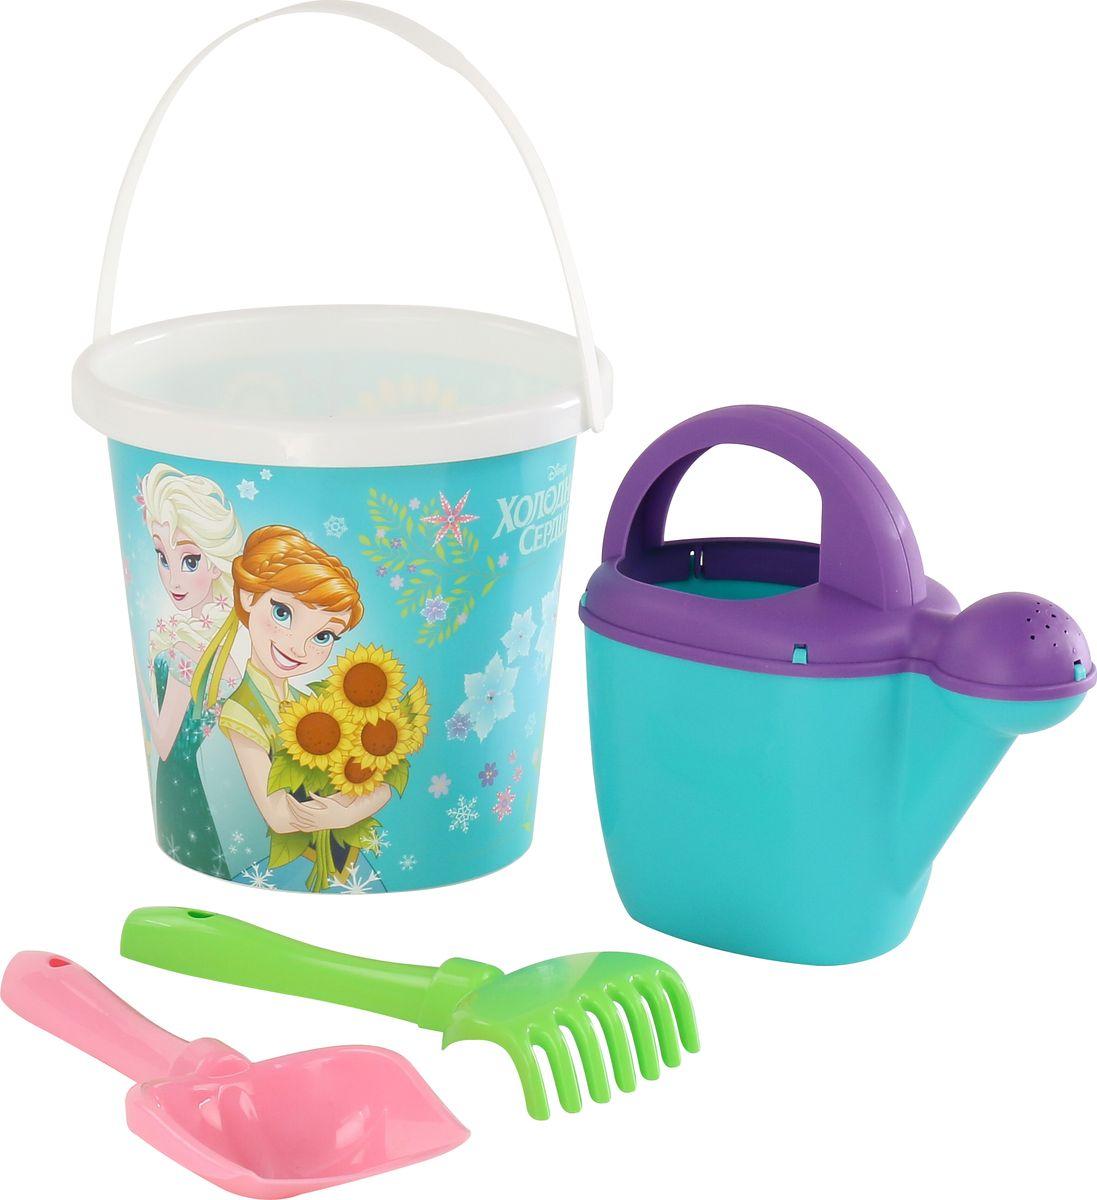 Disney Набор игрушек для песочницы Холодное сердце №9 hemar набор для песочницы авто ptys 9 предметов